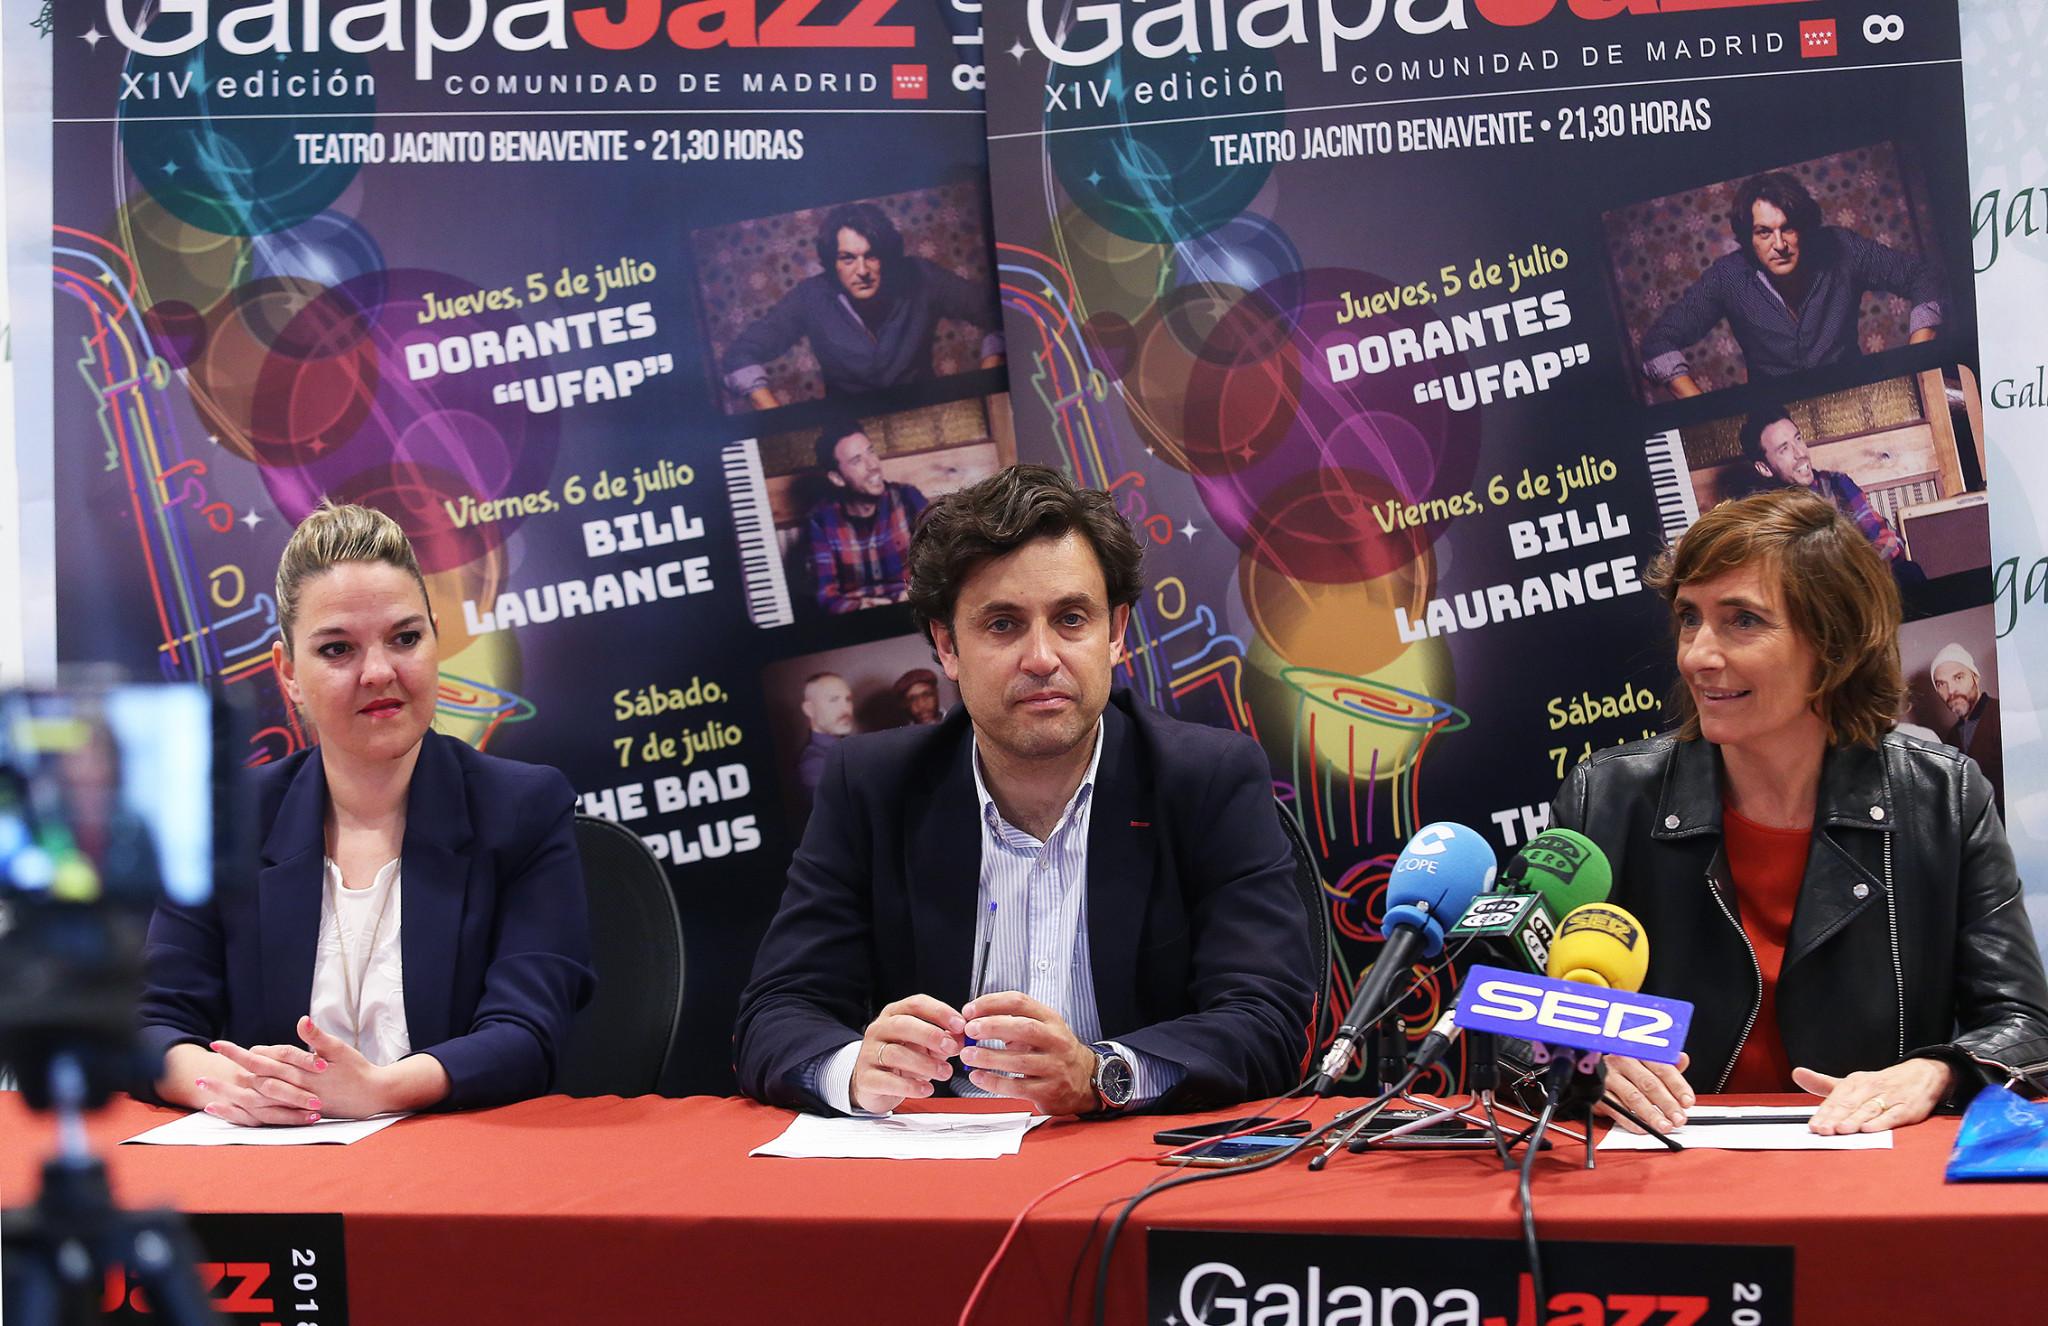 galapajazz 2018 2